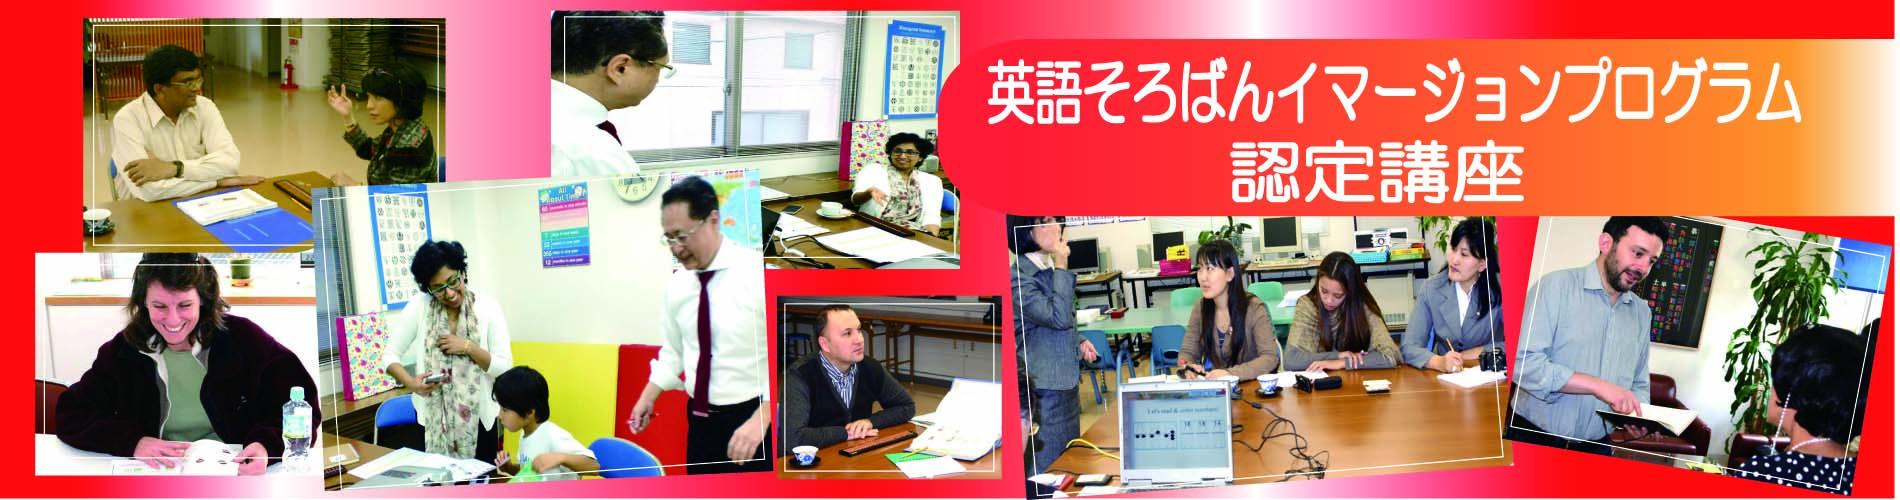 英語そろばんイマージョンプログラム認定講師養成講座